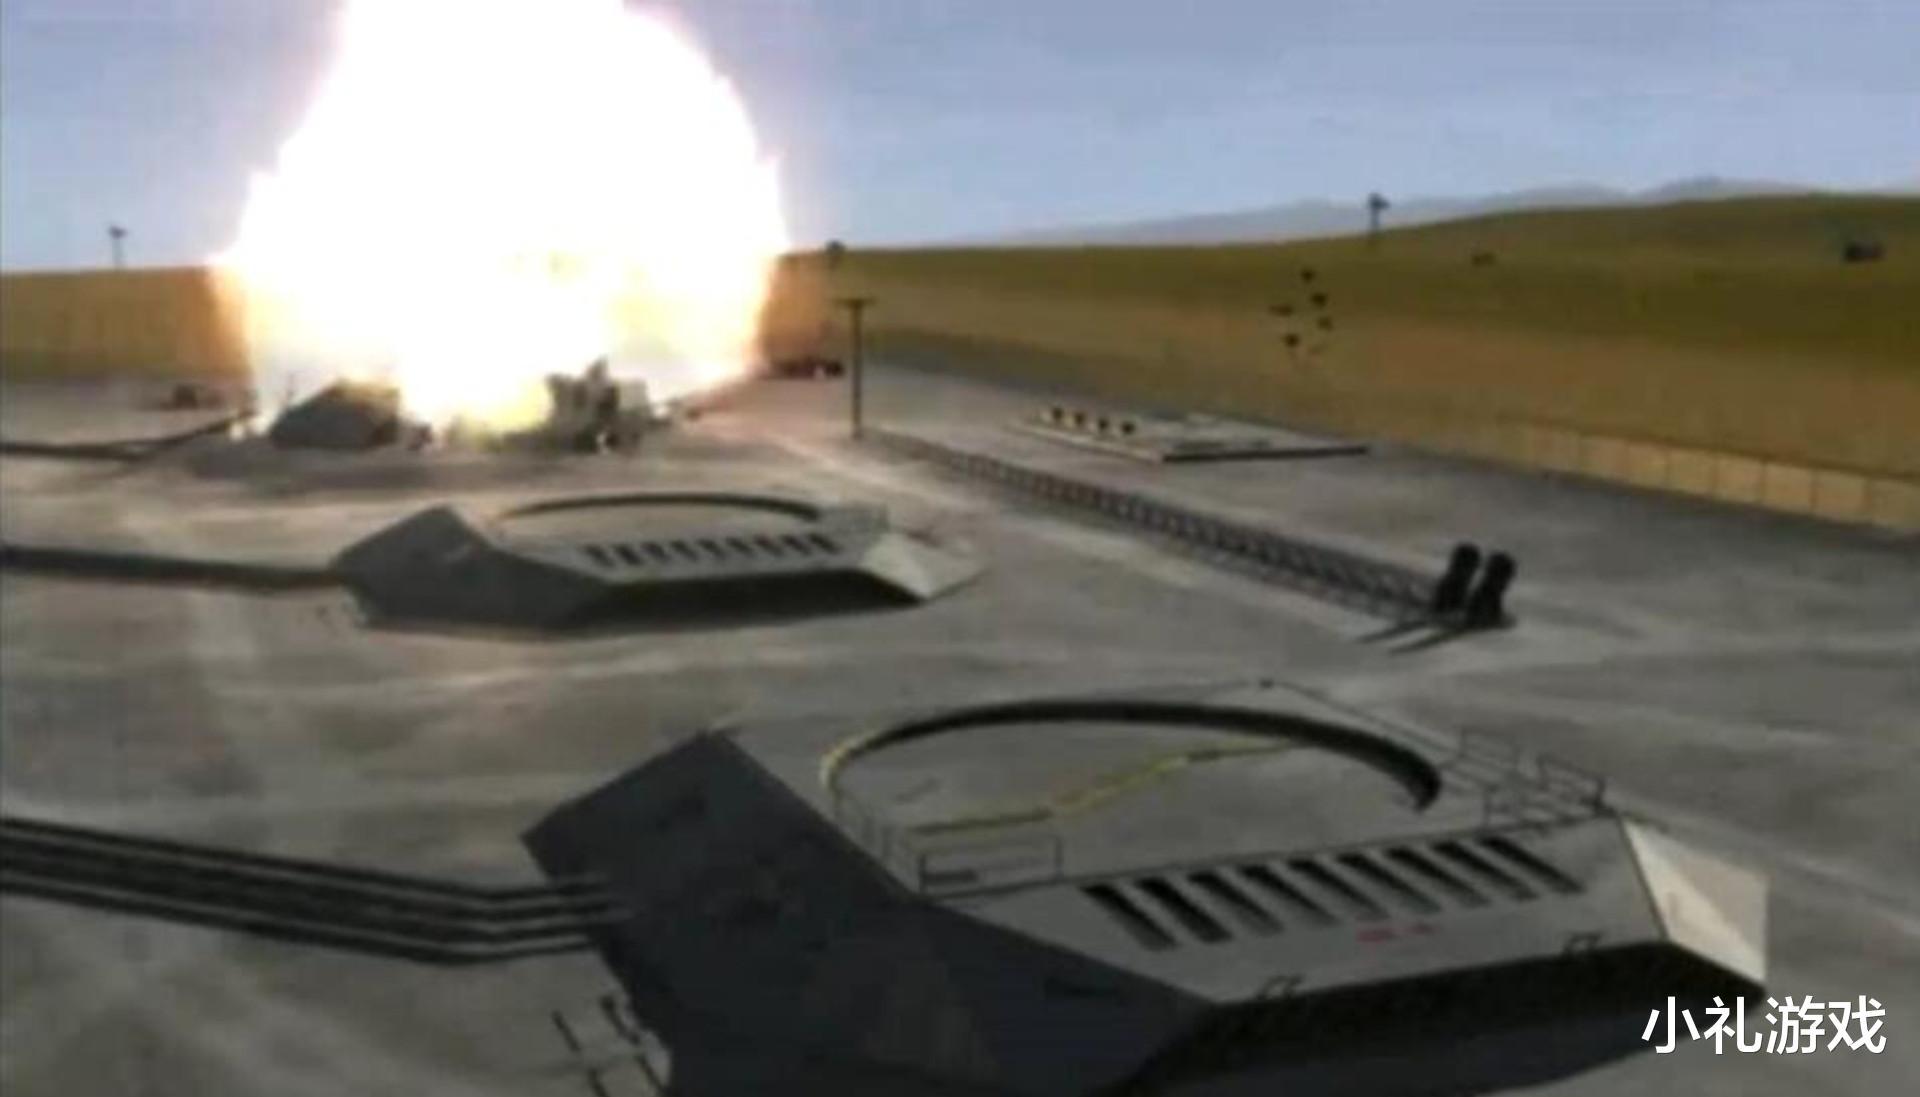 《红警》为什么盟军没有核弹呢?因为他们的核弹被尤里摧毁了